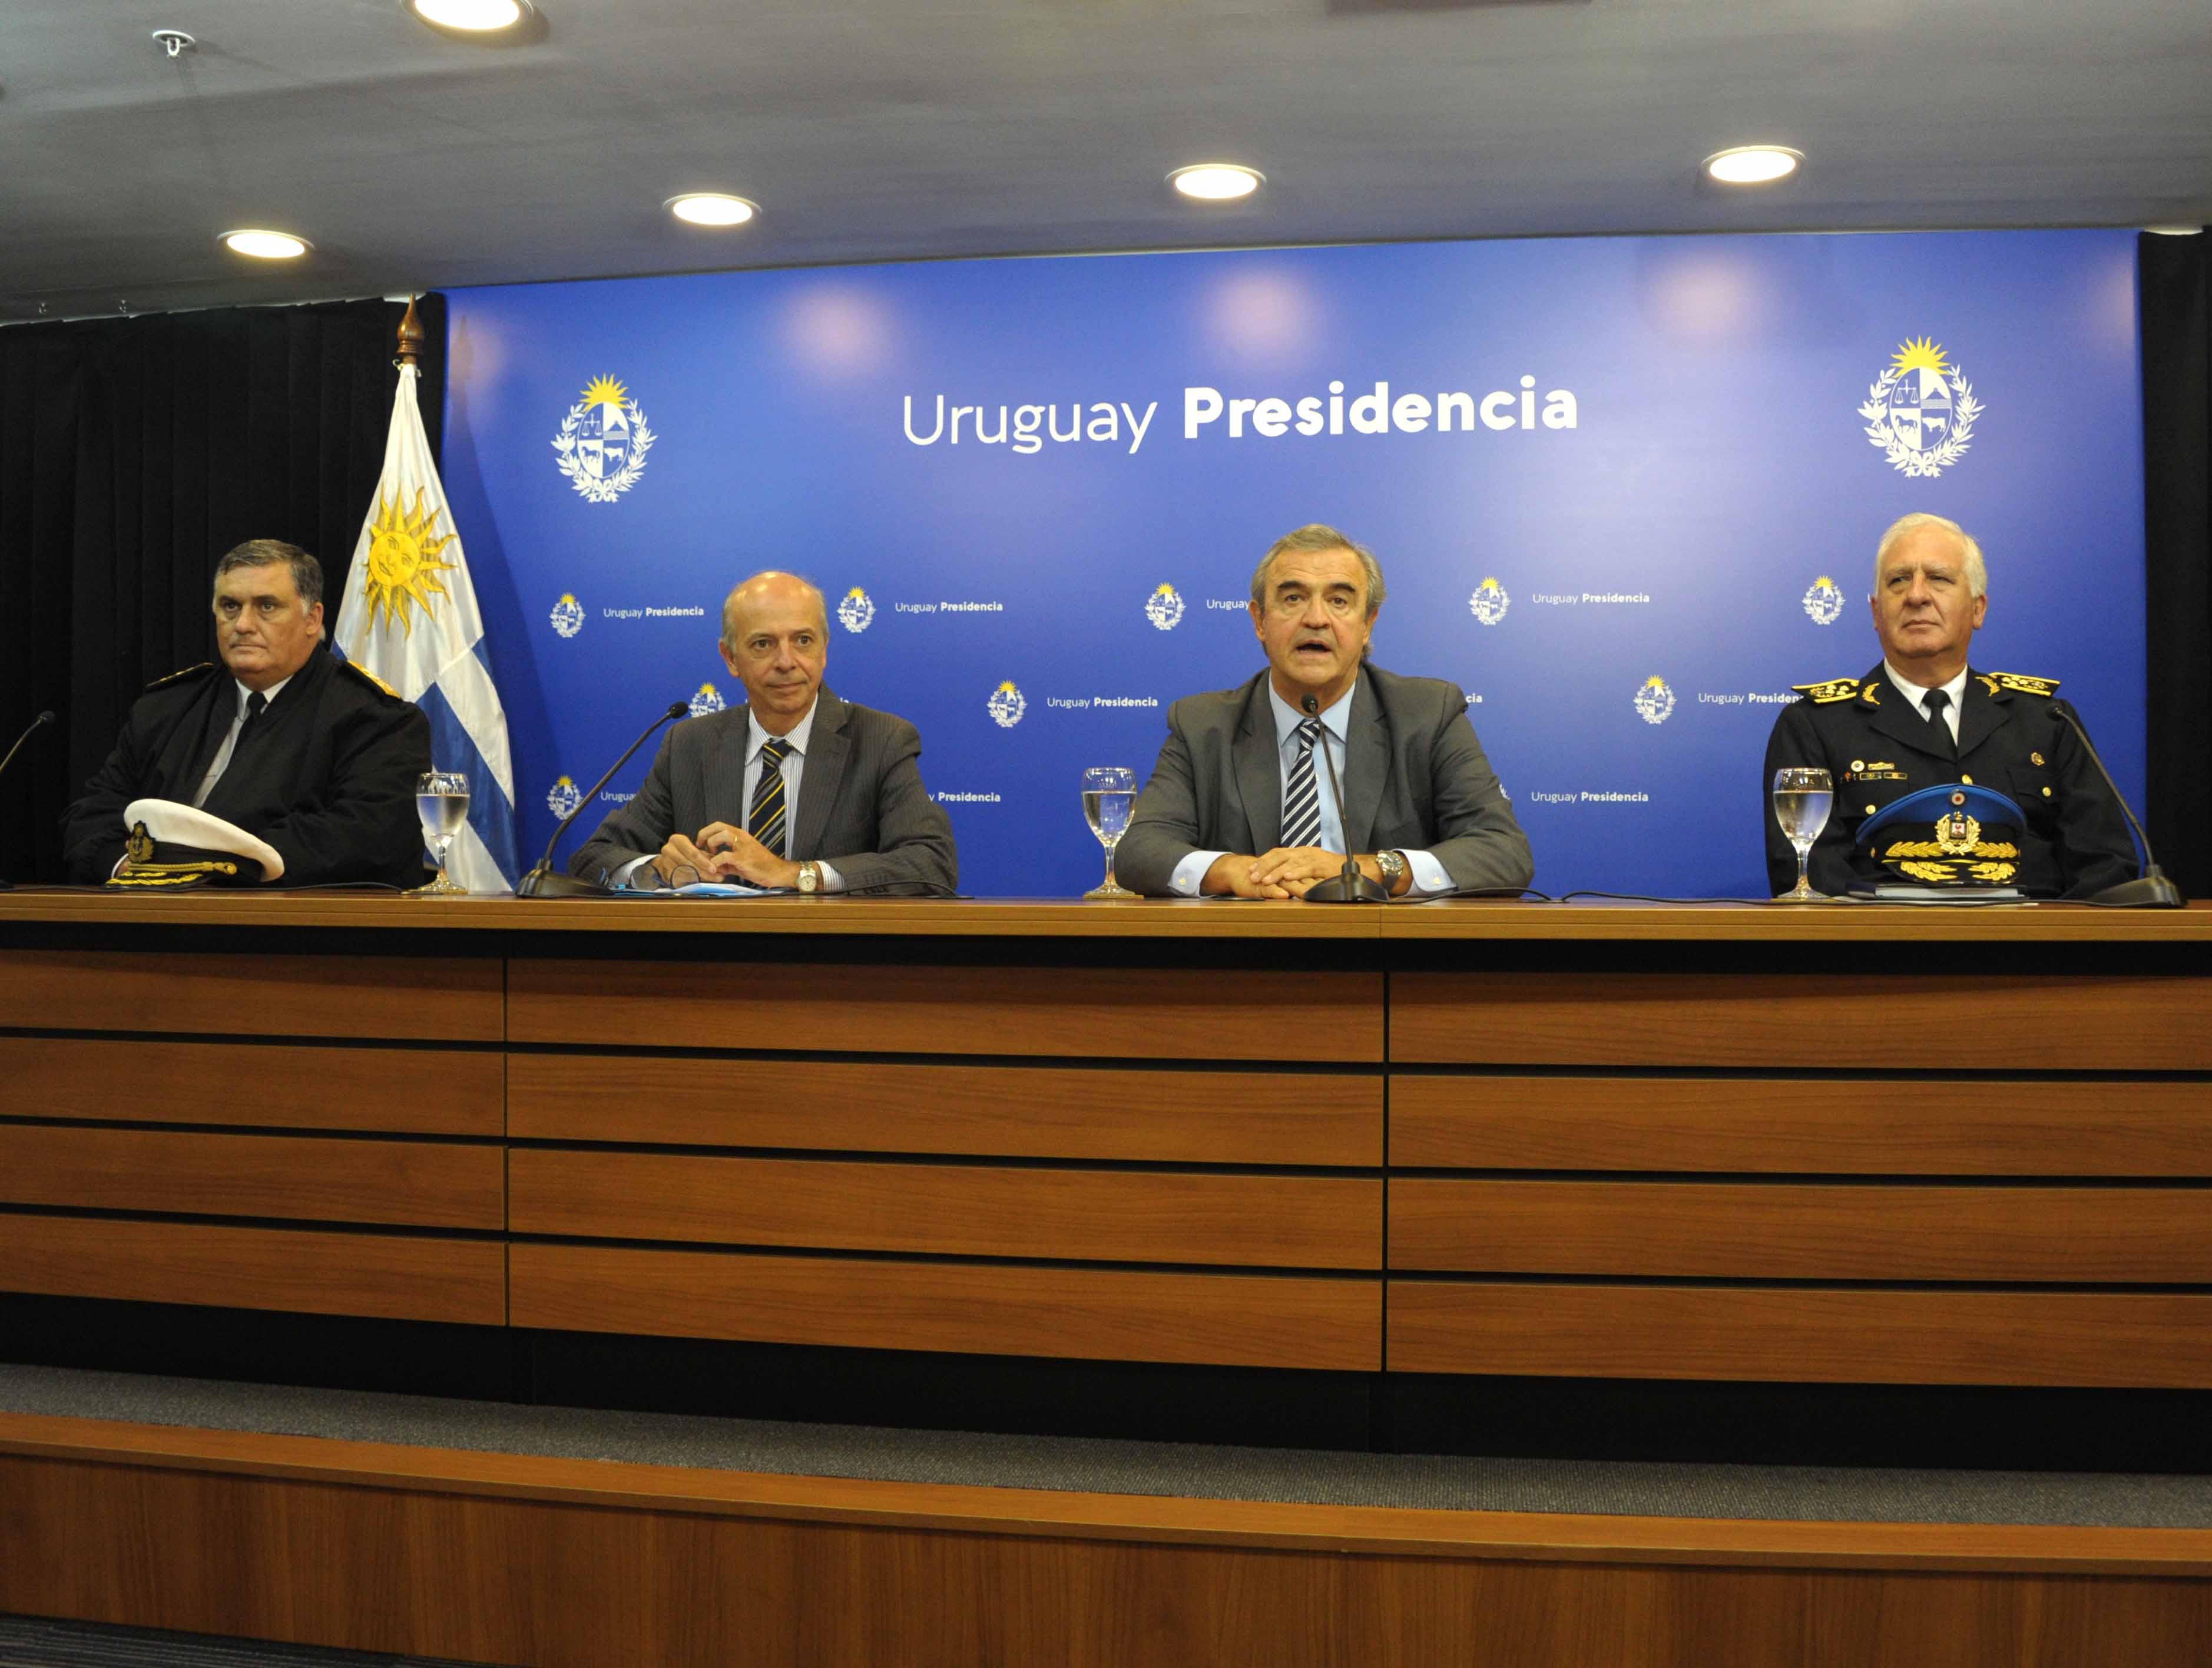 Comandante en jefe de la Armada, Jorge Wilson, ministros Javier García y Jorge Larrañaga y director de Policía, Diego Fernández